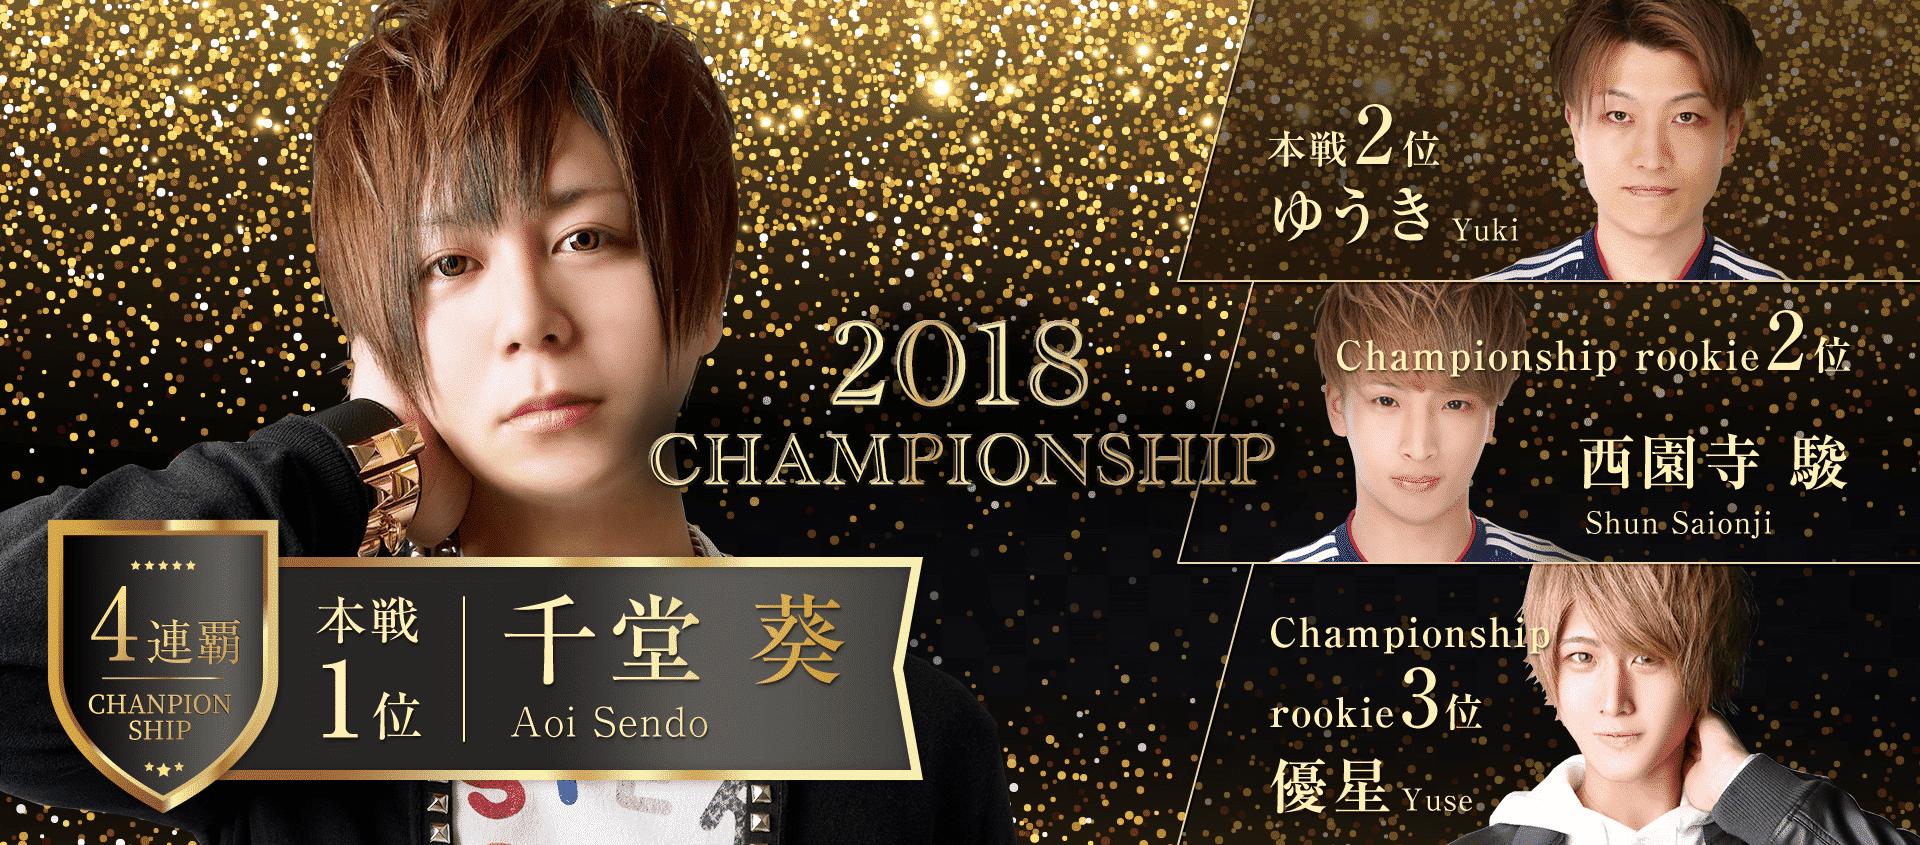 2018 チャンピオンシップ 本線・ルーキー結果